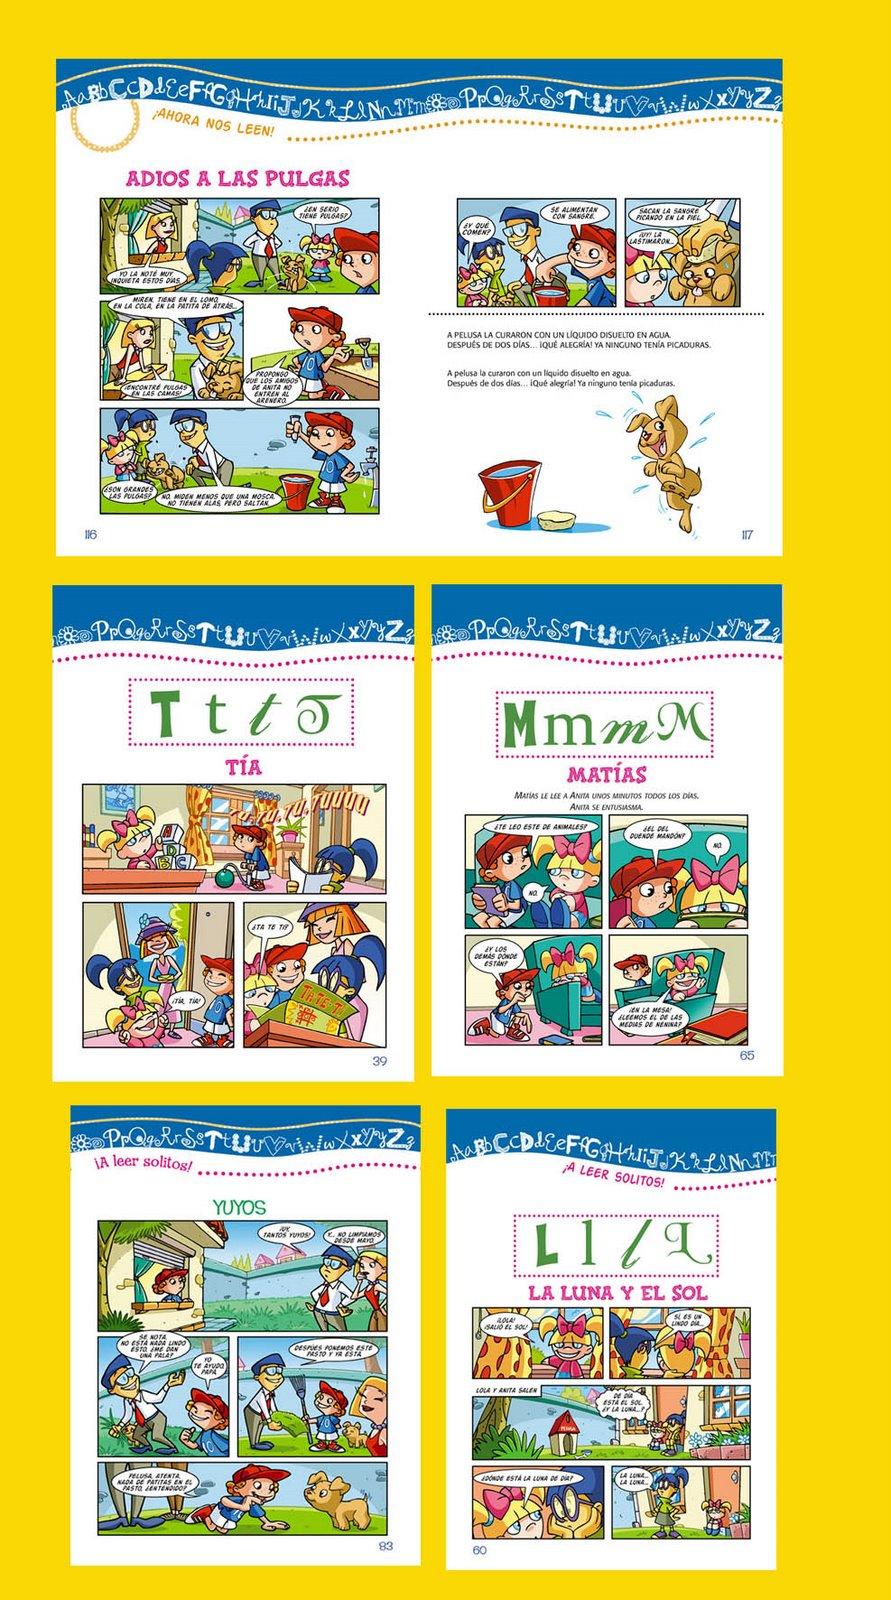 historietas para manuales educativos. (publicado)